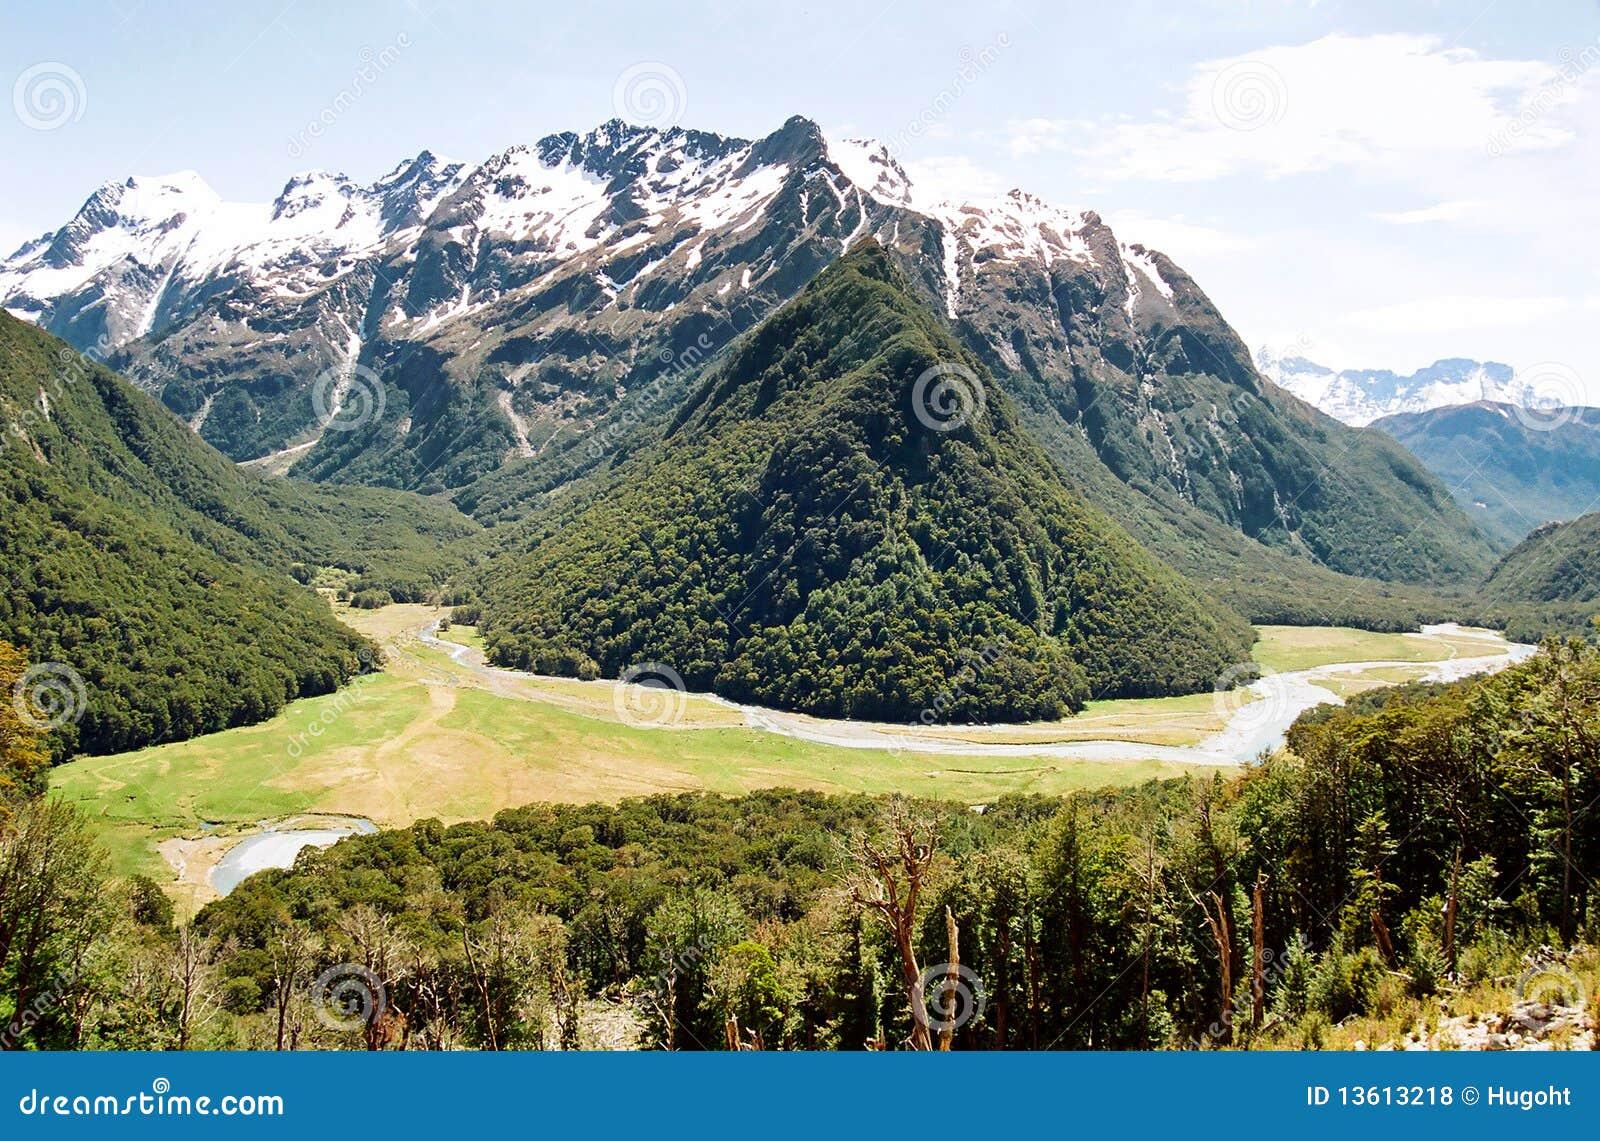 New Zealand Time Image: Routeburn Track, New Zealand Stock Photo